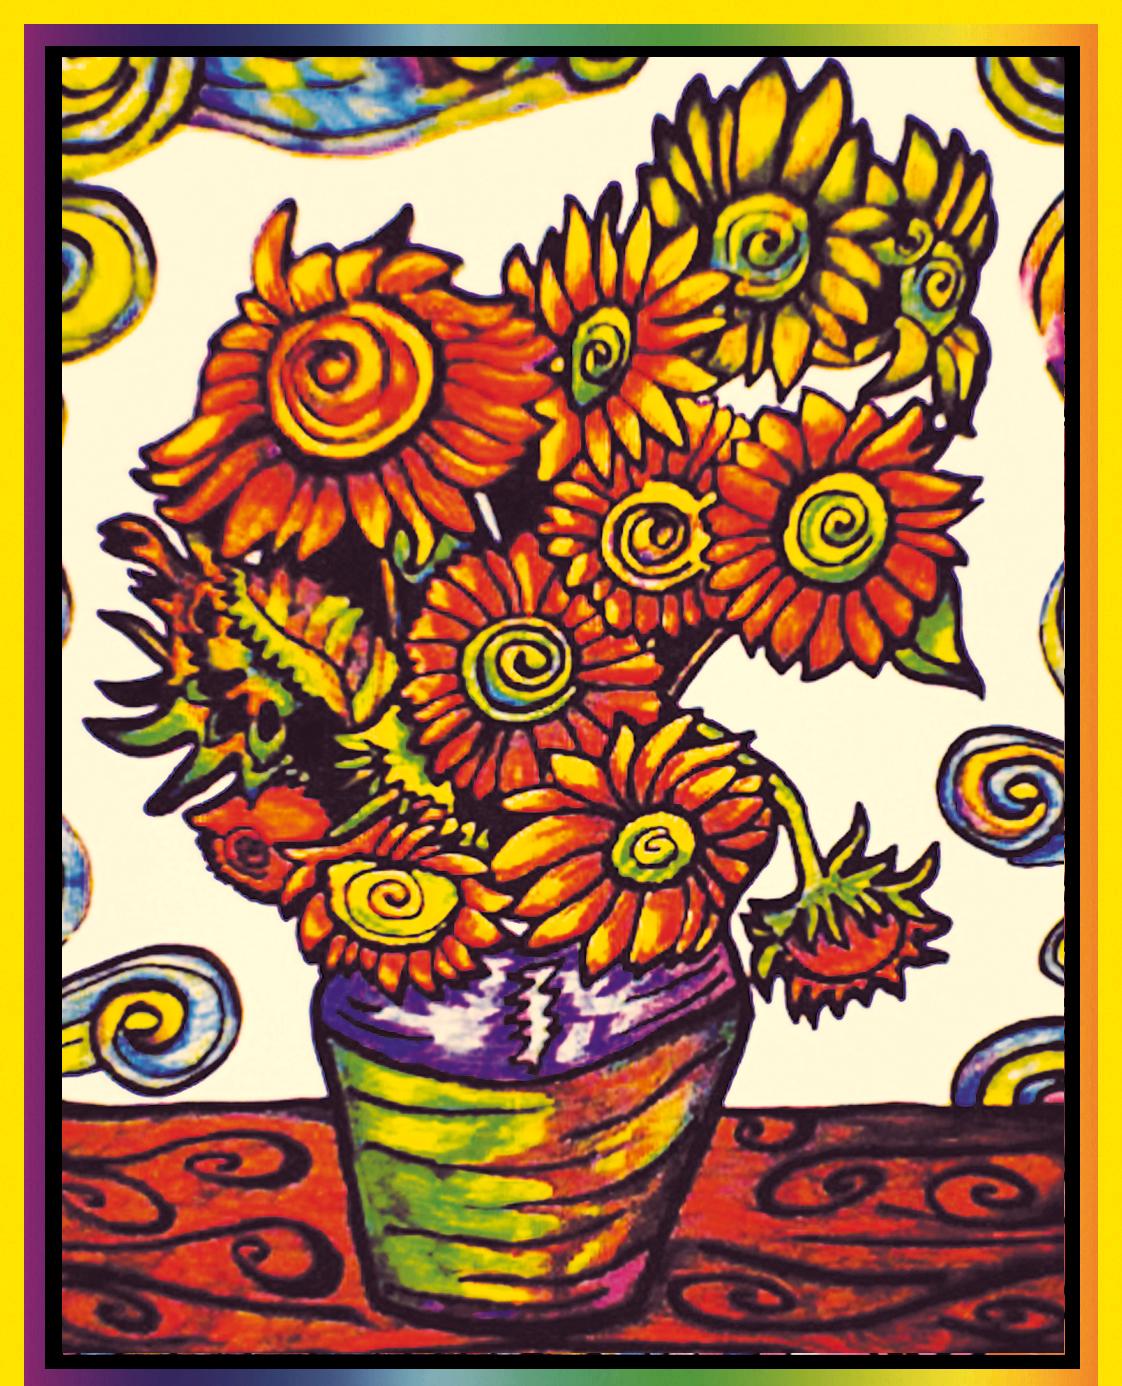 Schön Sonnenblume Malvorlagen Van Gogh Ideen - Beispiel ...